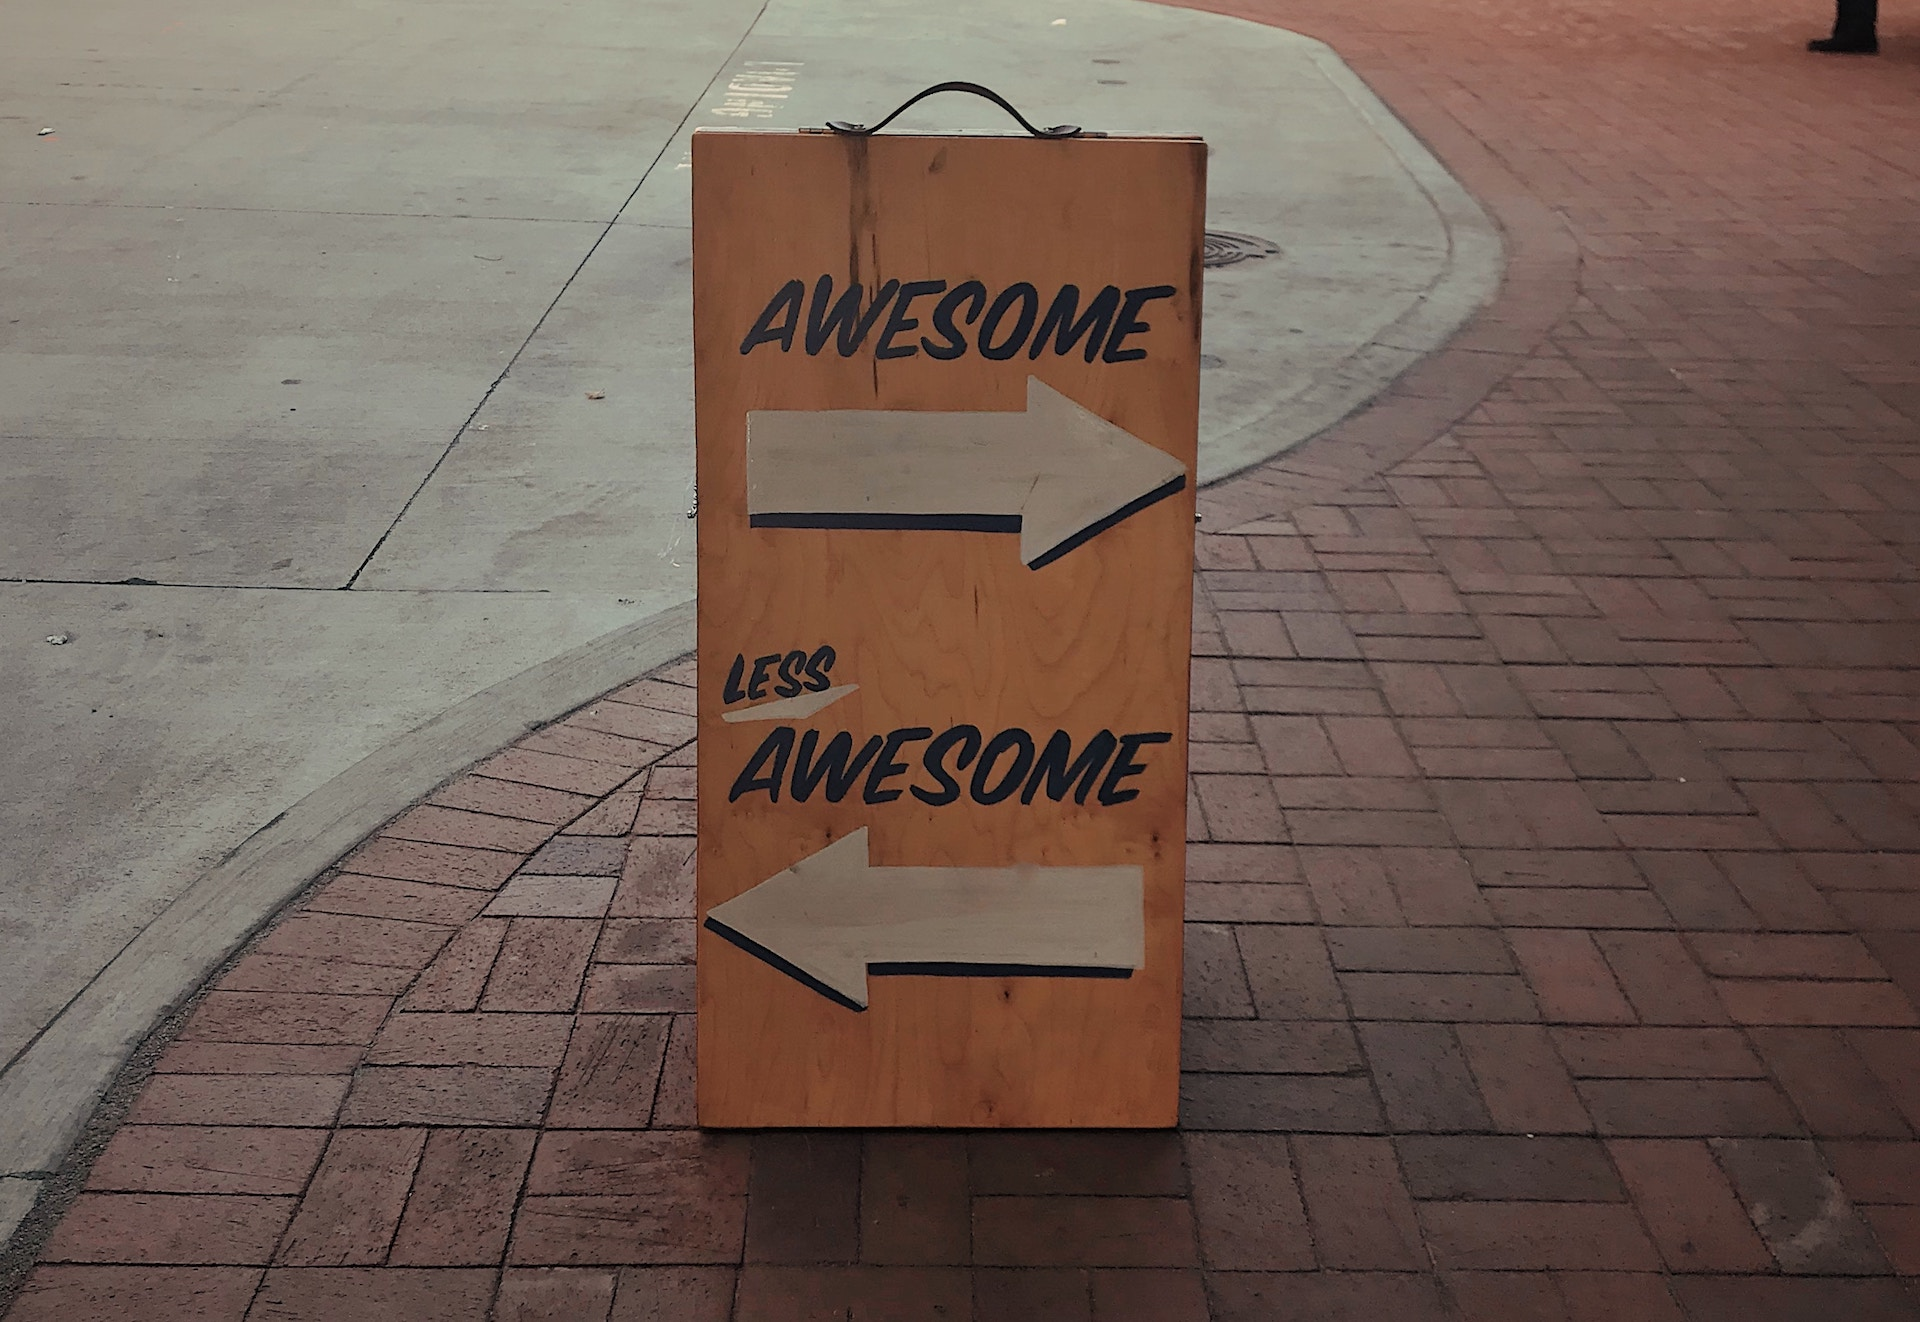 negatiivinen palaute, negative feedback, asiakaskokemuksen mittaaminen, measuring customer experience, asiakaskokemus, customer experience